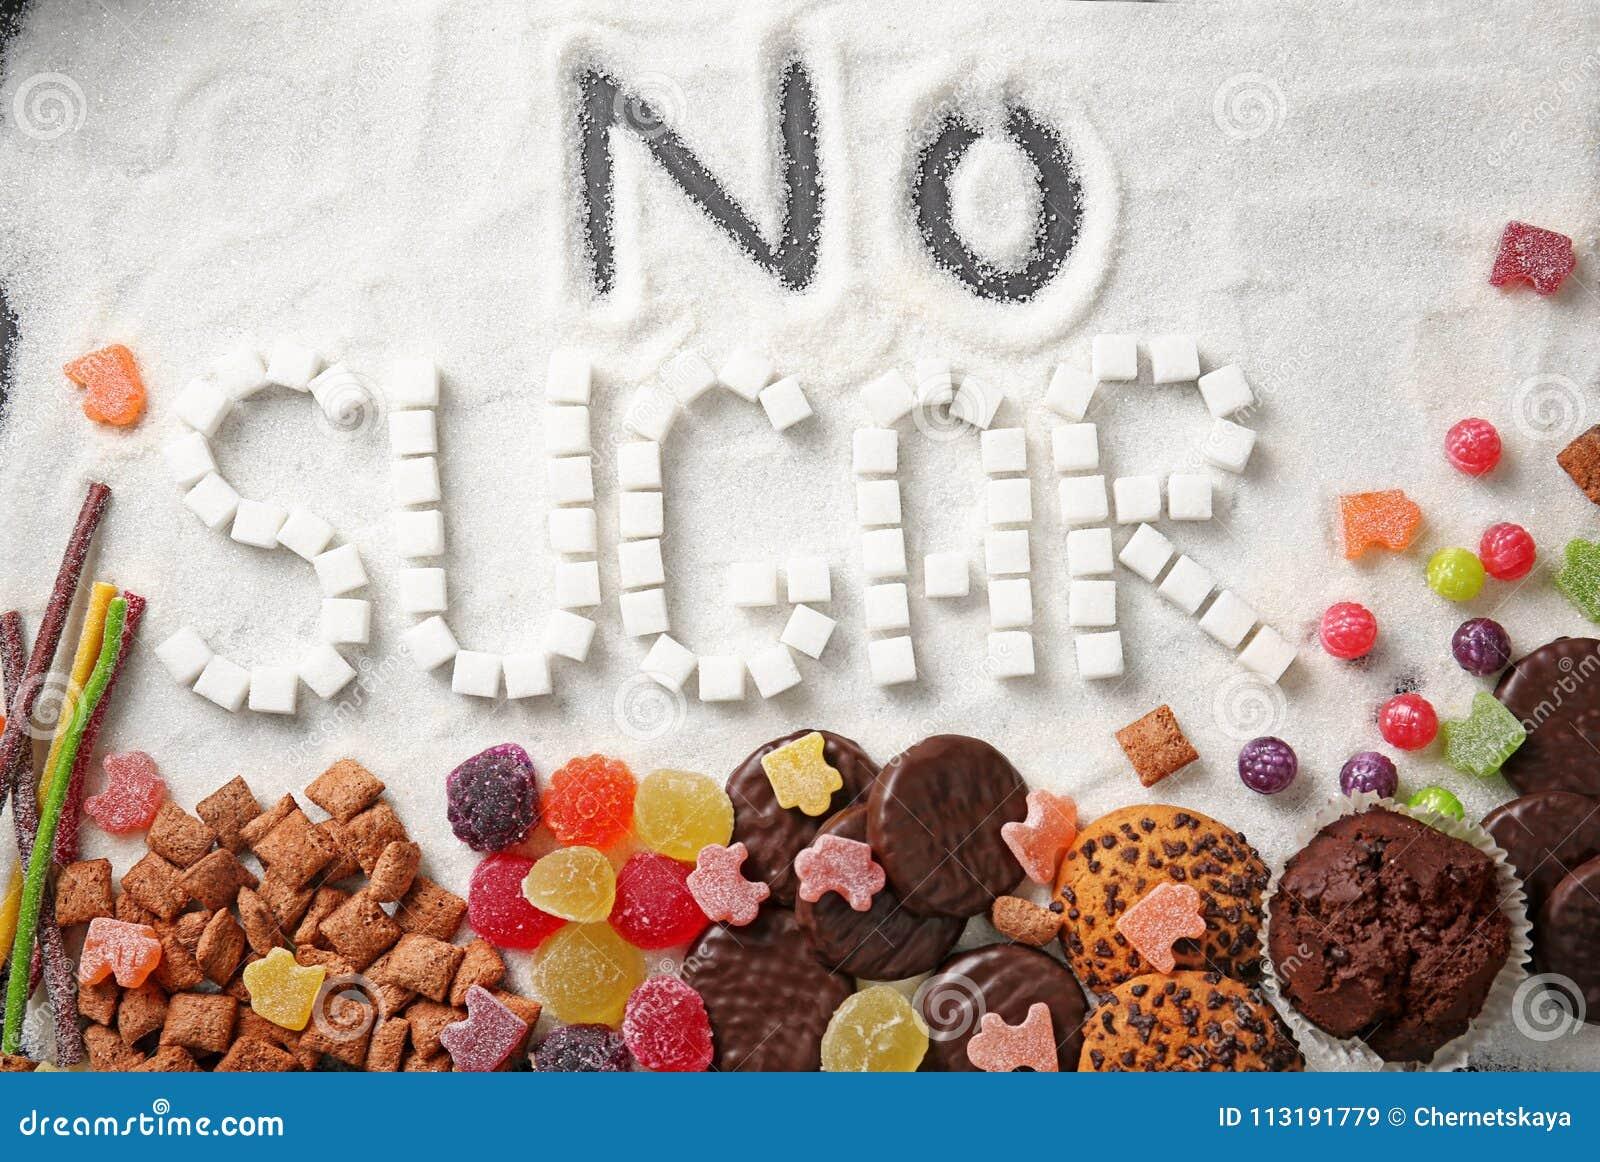 Sammansättning med uttryck INGA SOCKER och sötsaker på sockersand